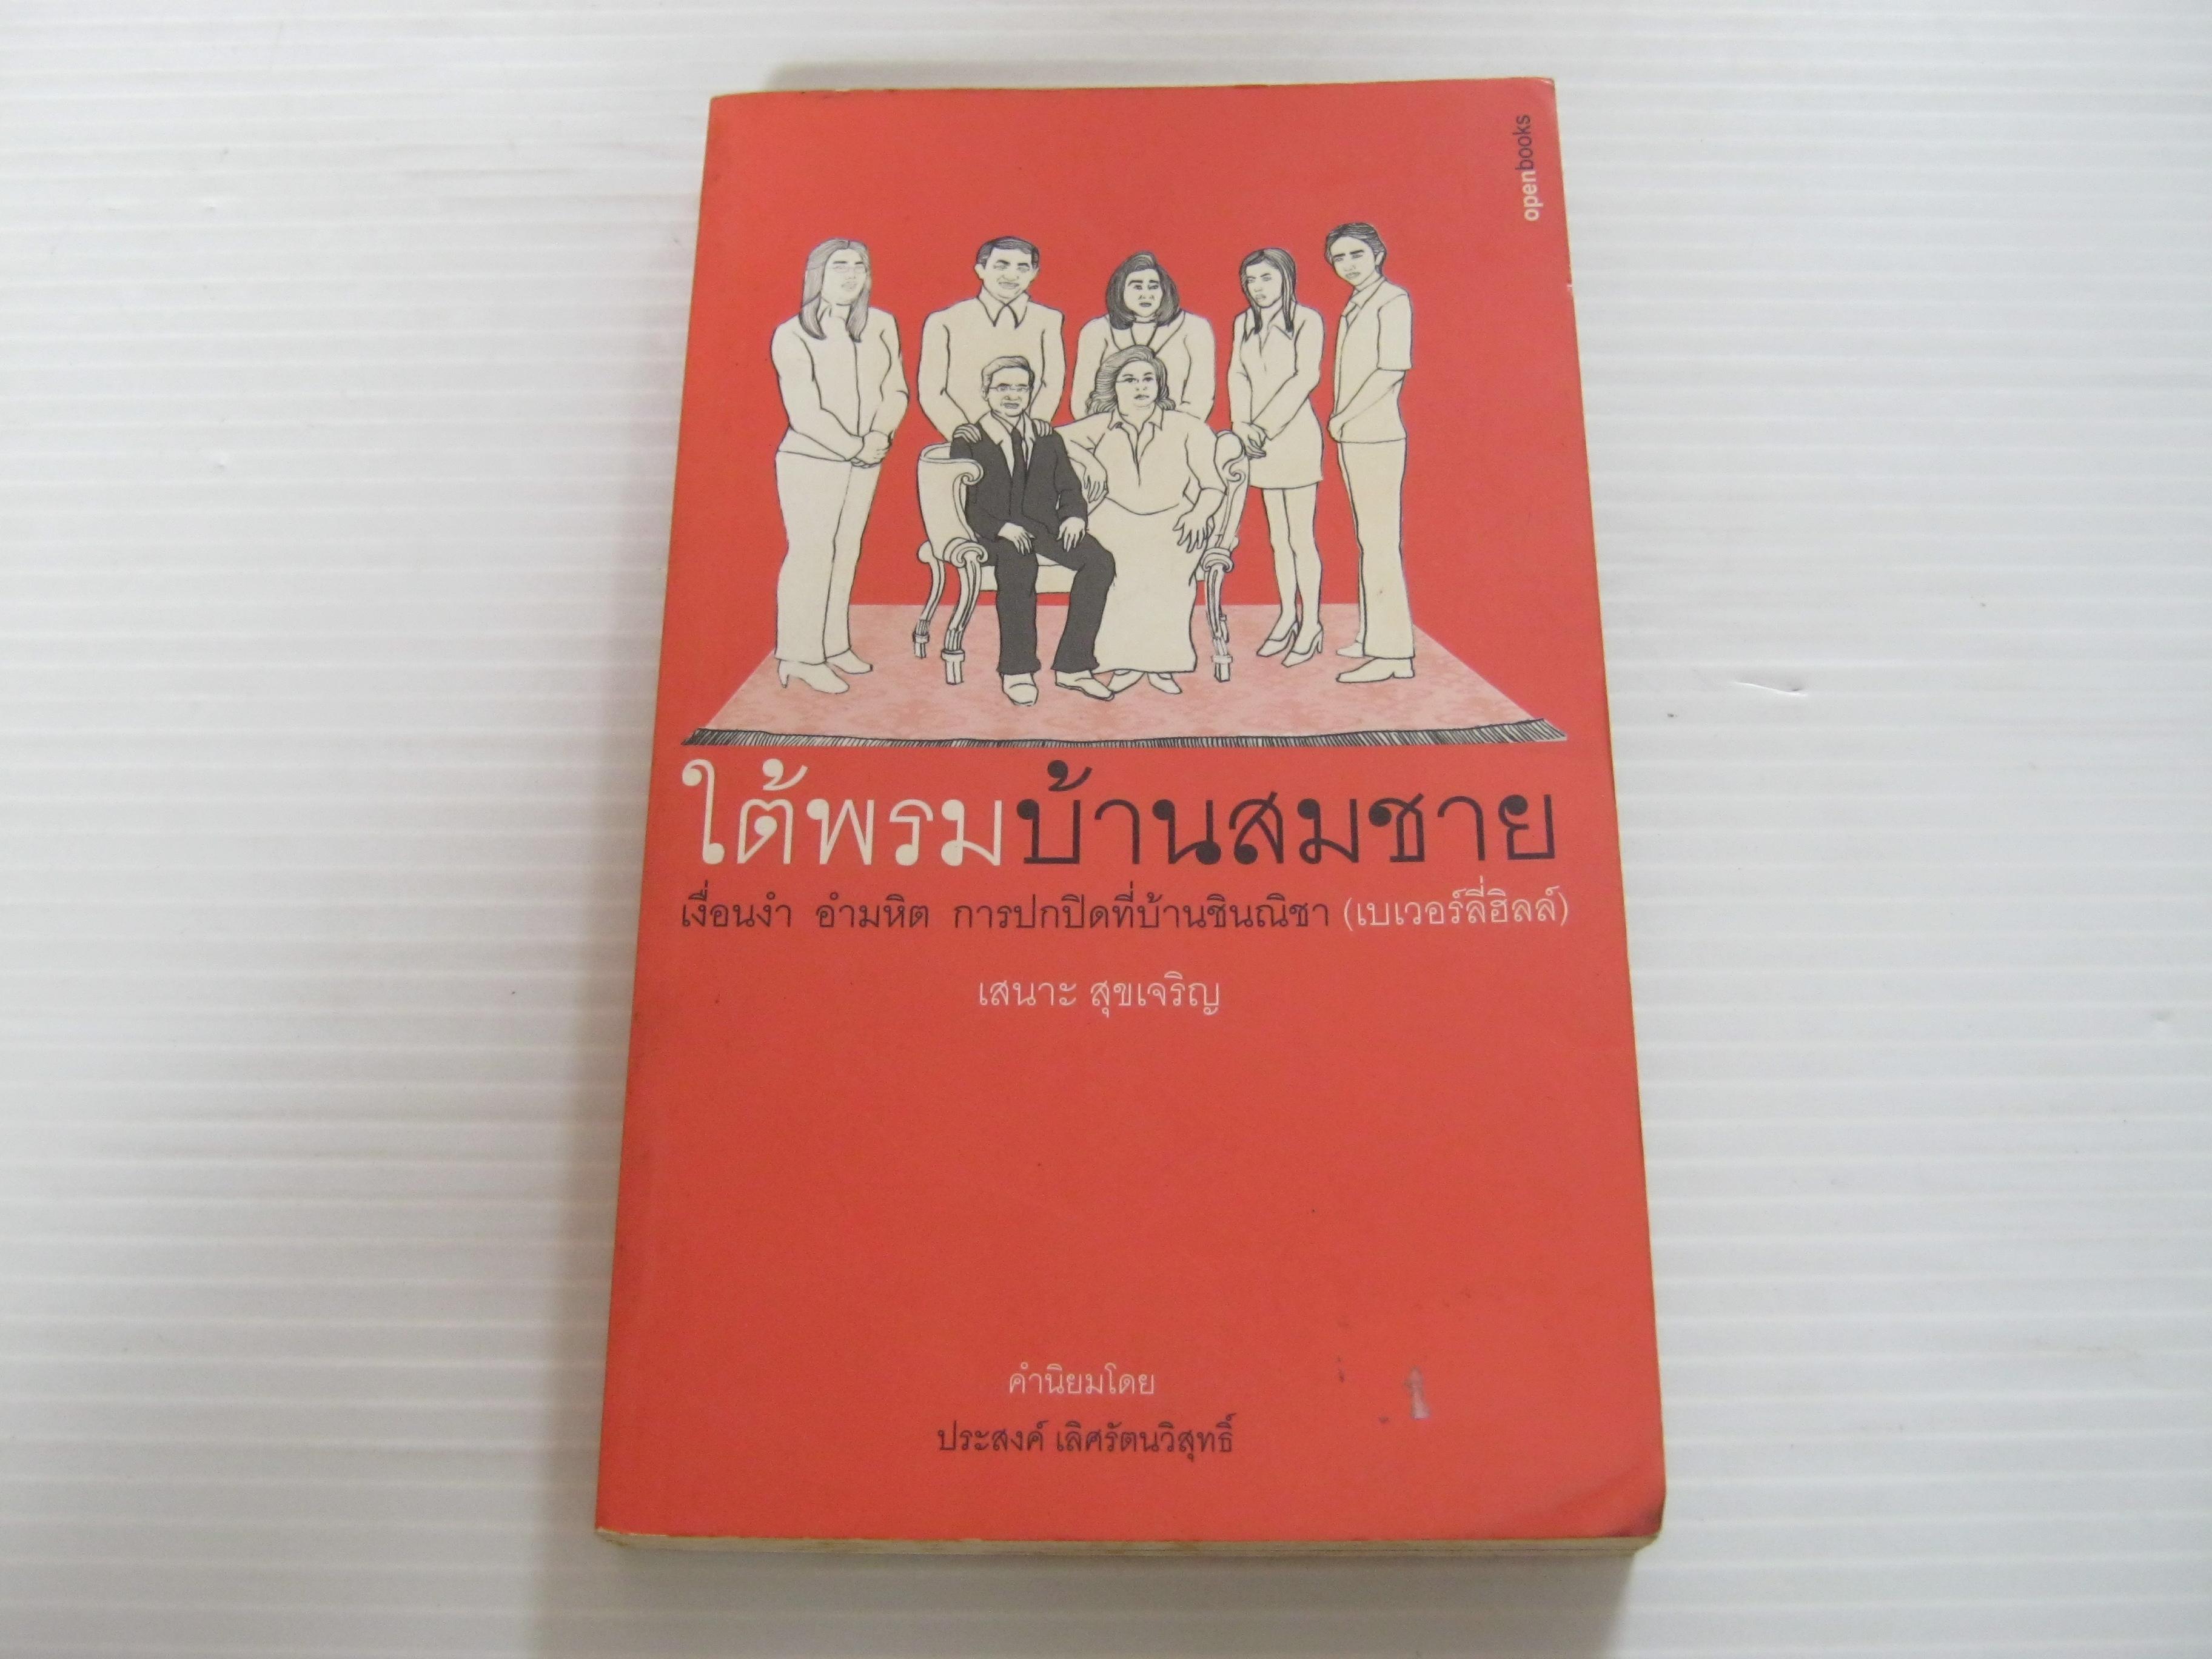 ใต้พรมบ้านสมชาย เสนาะ สุขเจริญ เขียน